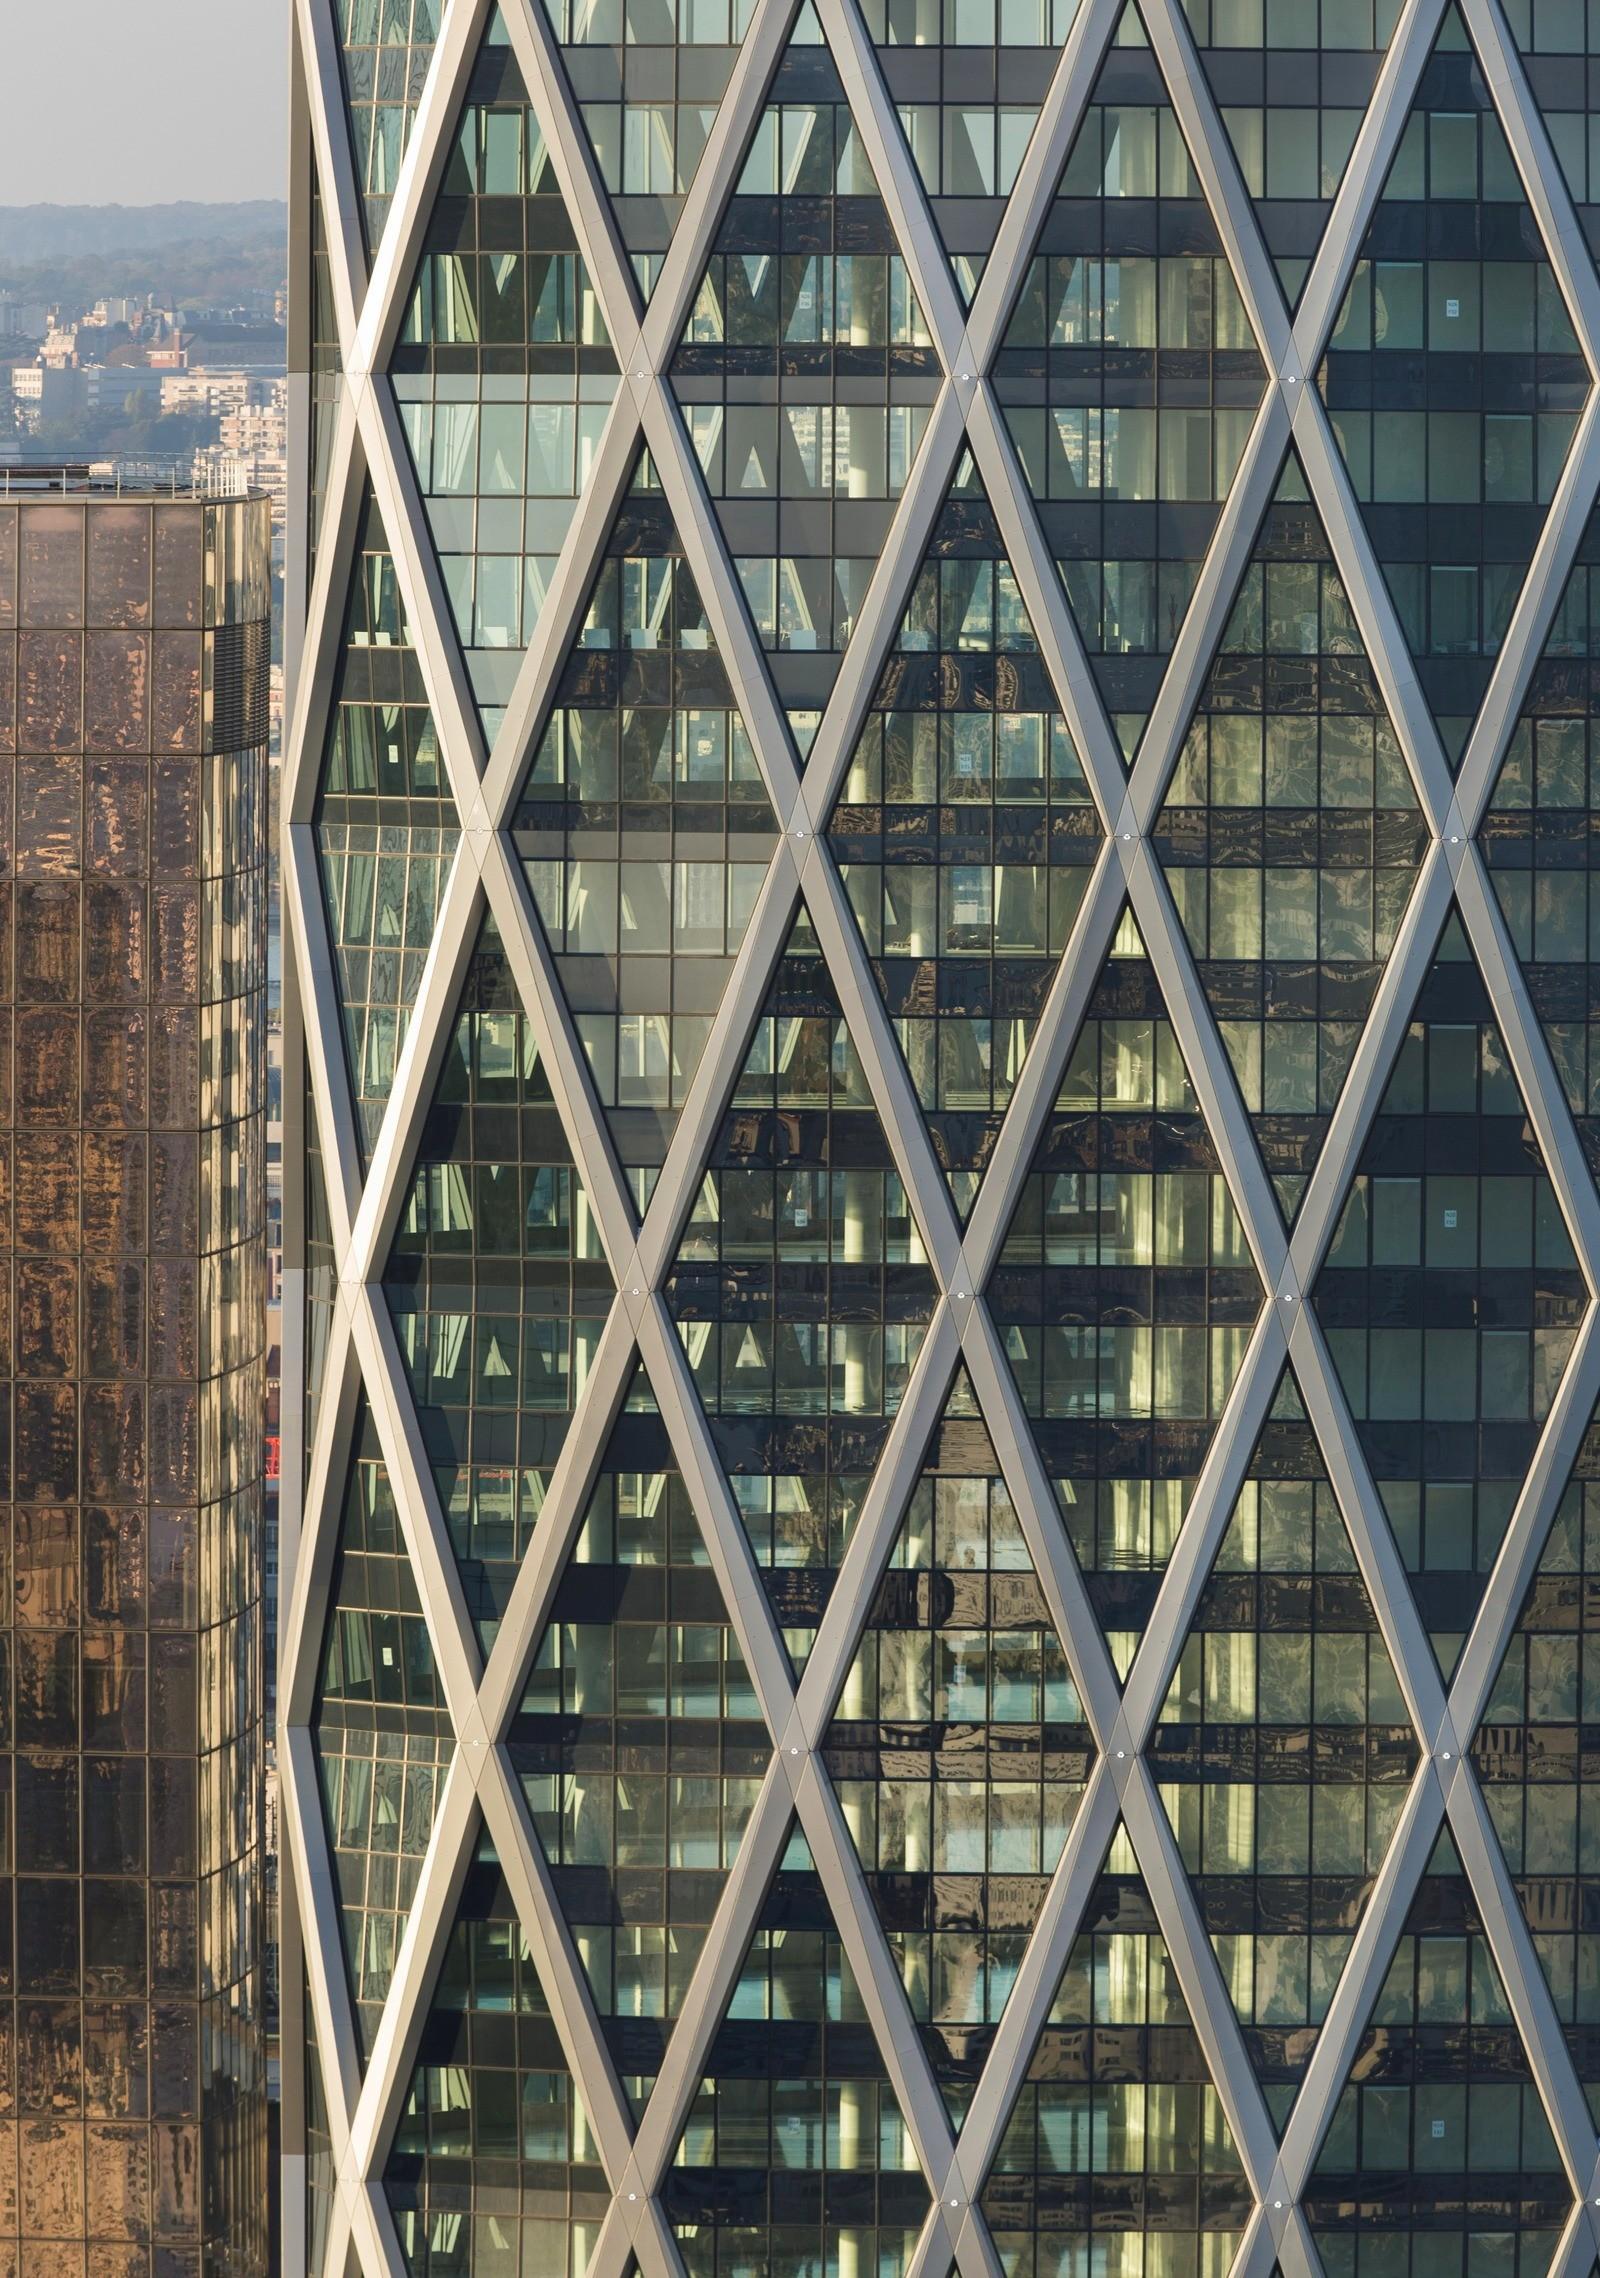 Tower-D2-Paris-just3ds.com-22